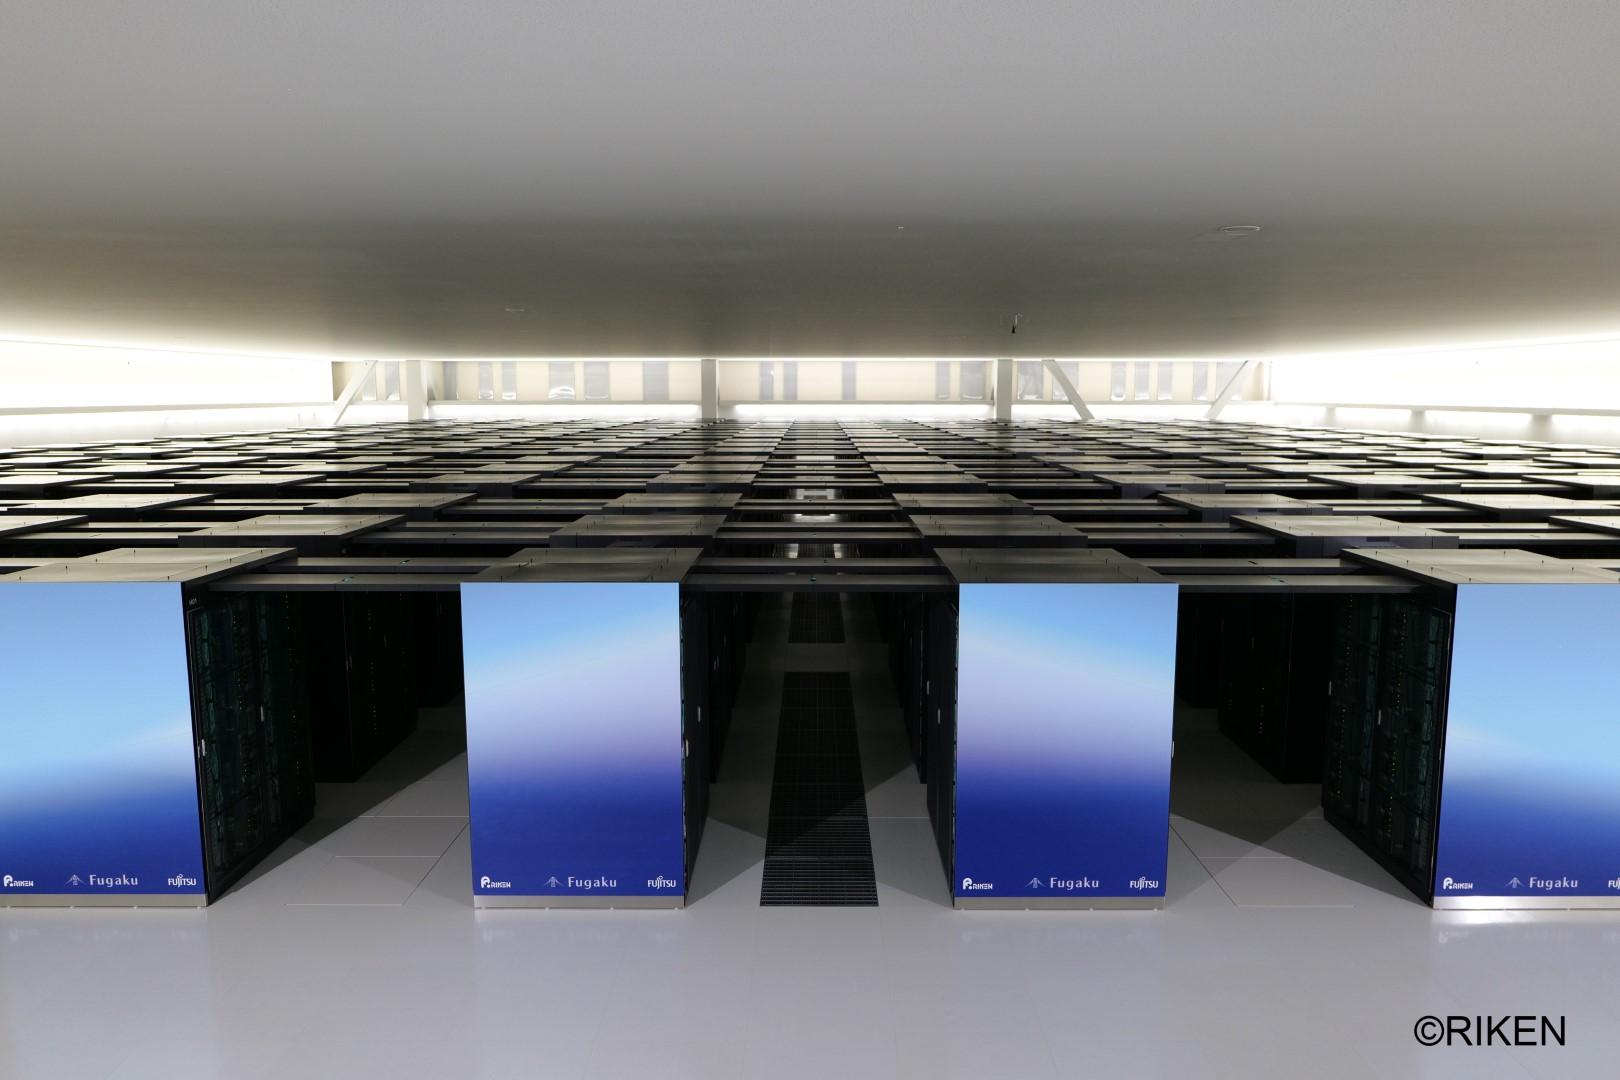 Суперкомпьютер Fujitsu Fugaku